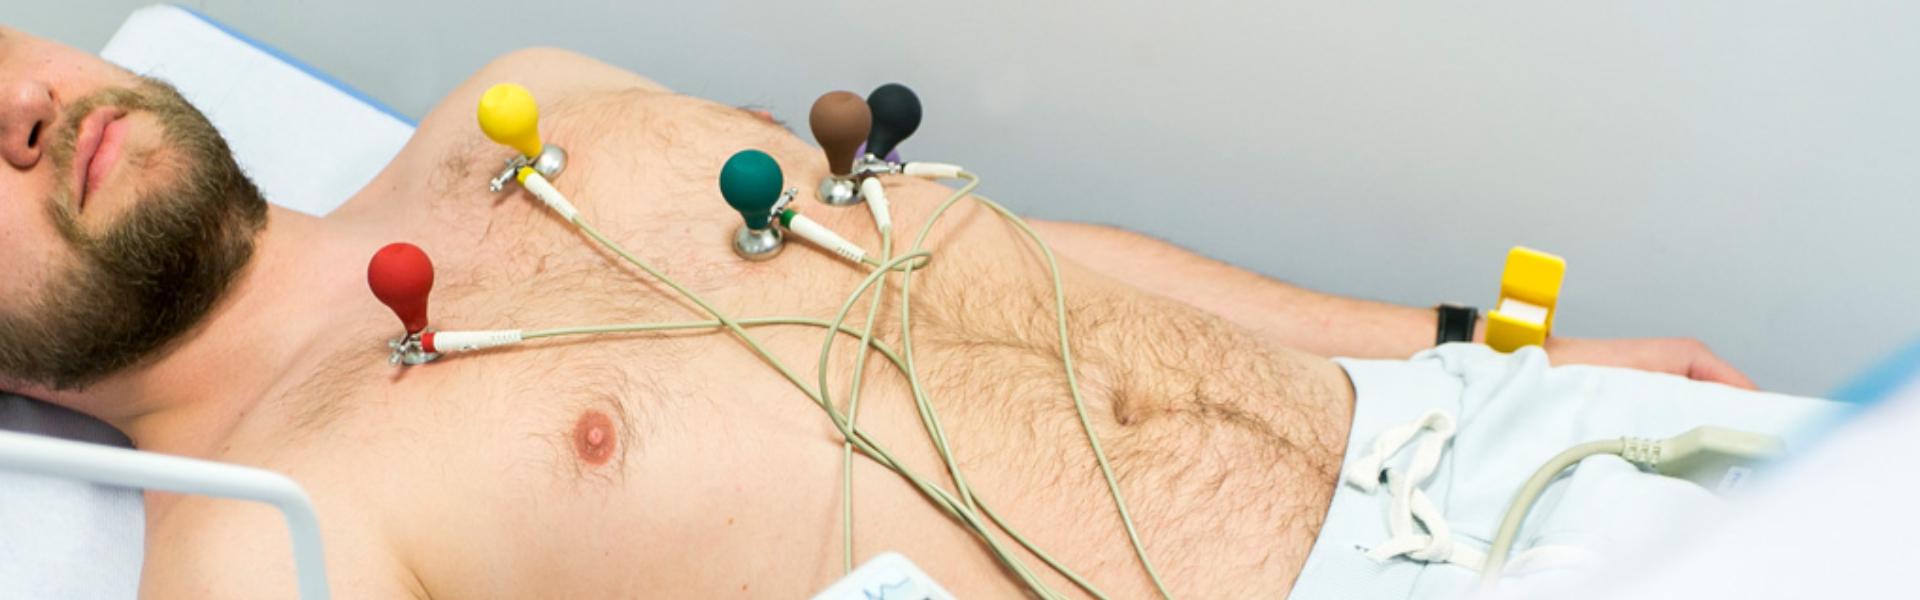 Kardiolog-slider